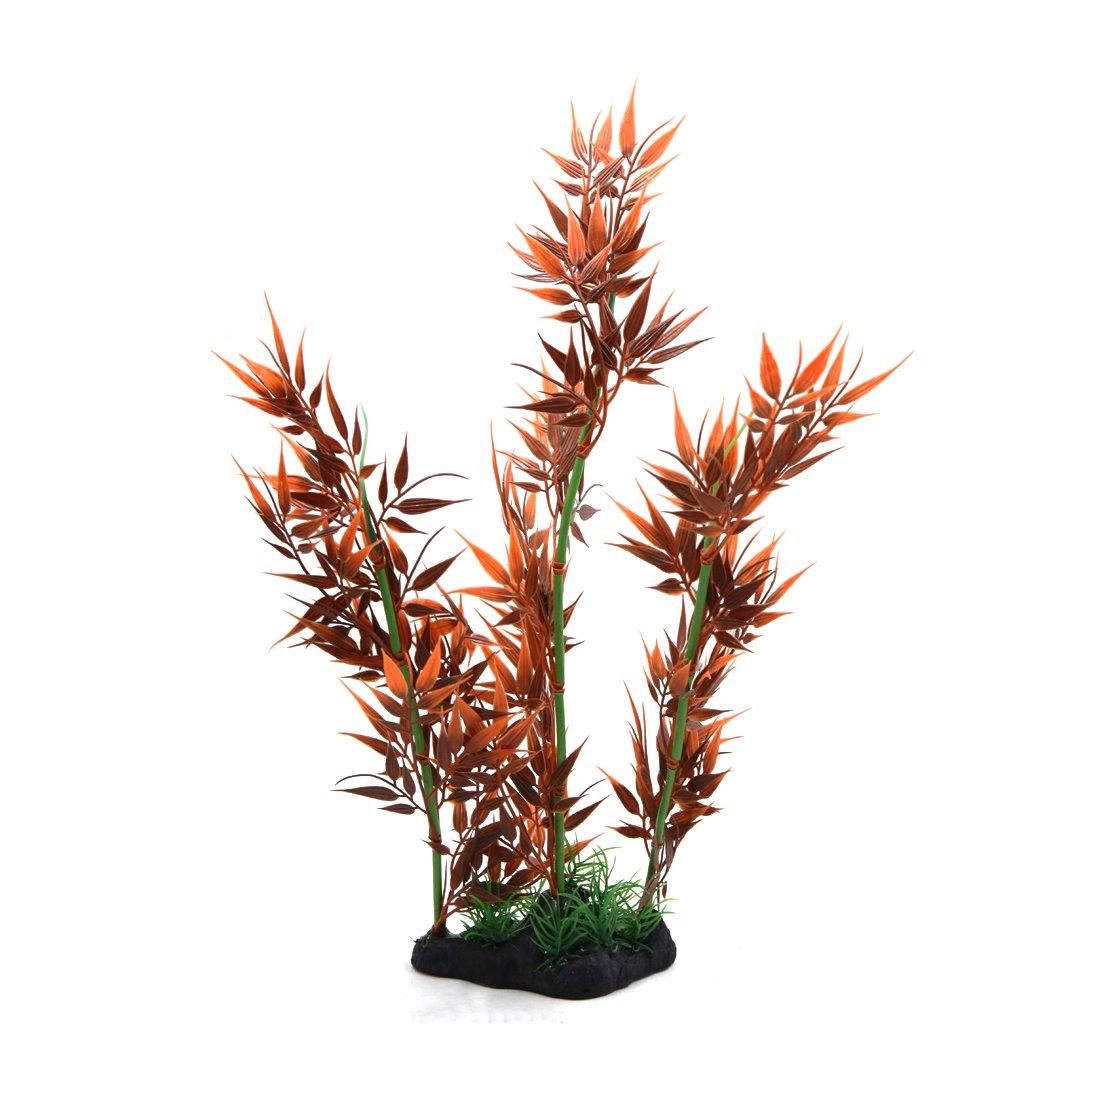 sourcing map Acuario Planta Hierbas Decorativas Decoración Paisaje Subacuático Ornamento Decoración Color Rojo Ladrillo: Amazon.es: Productos para mascotas